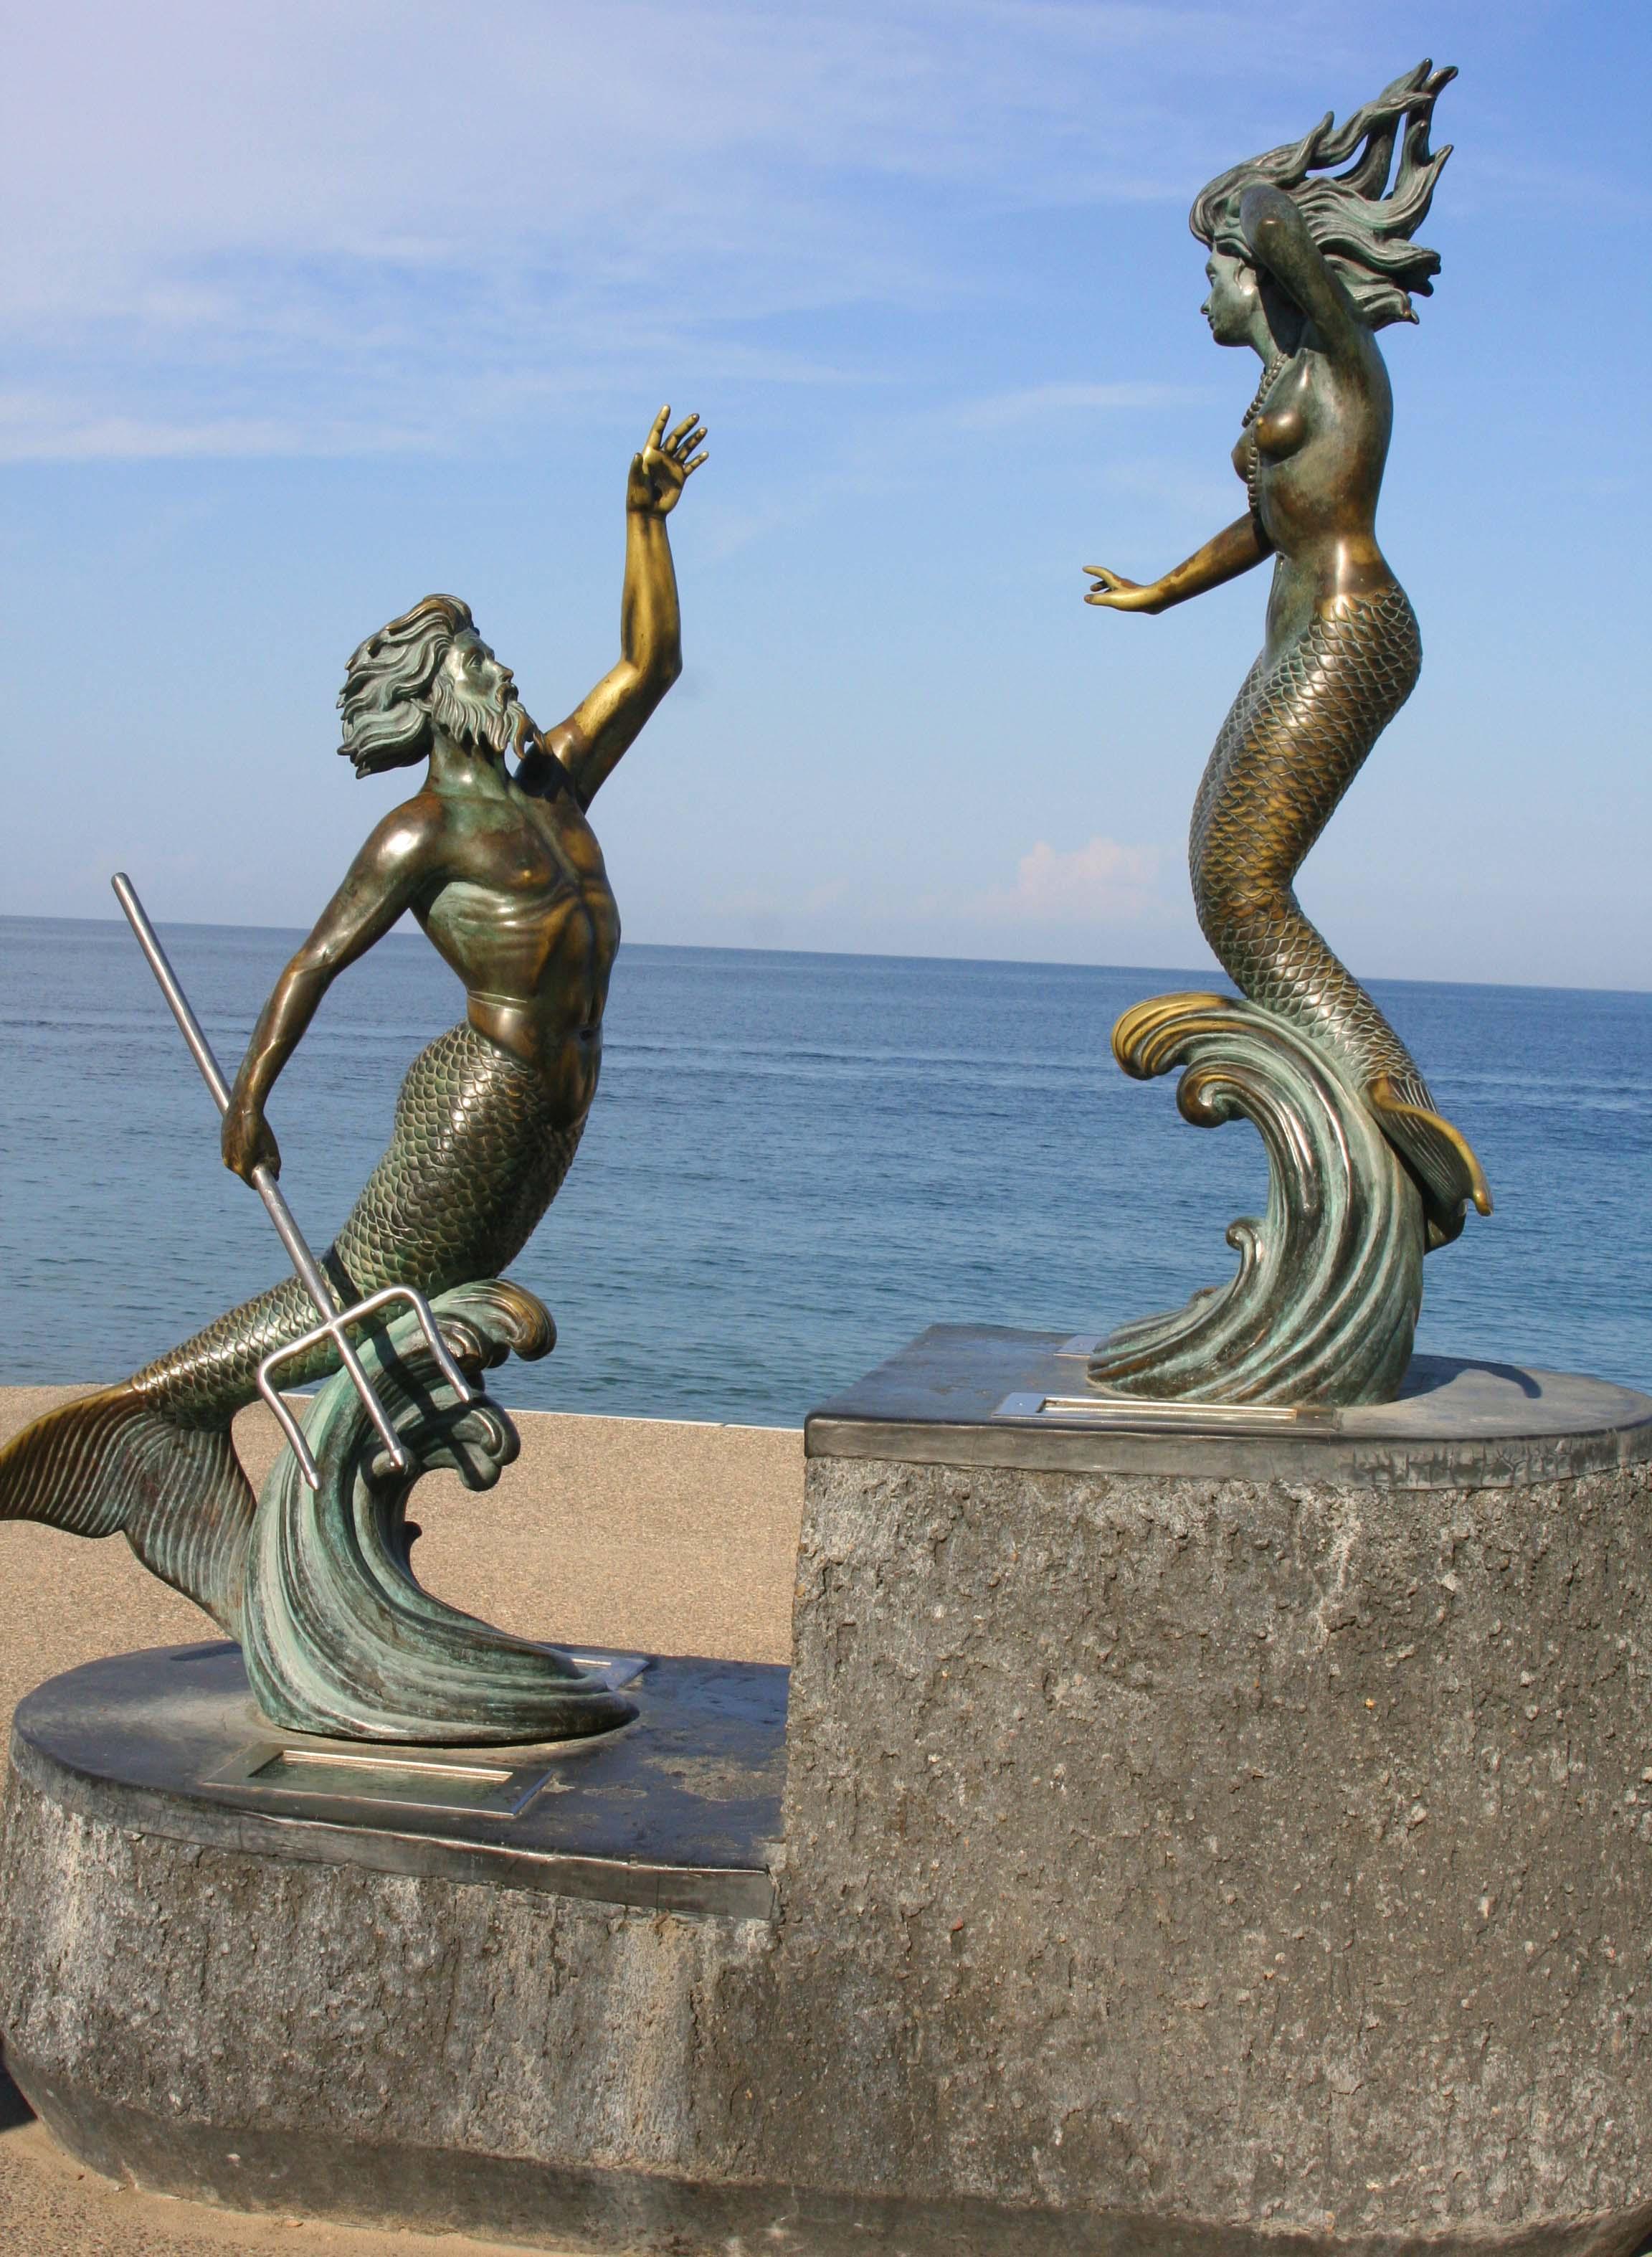 Photo of Triton Nereida sculpture in Puerto Vallarta by Curtis Mekemson.